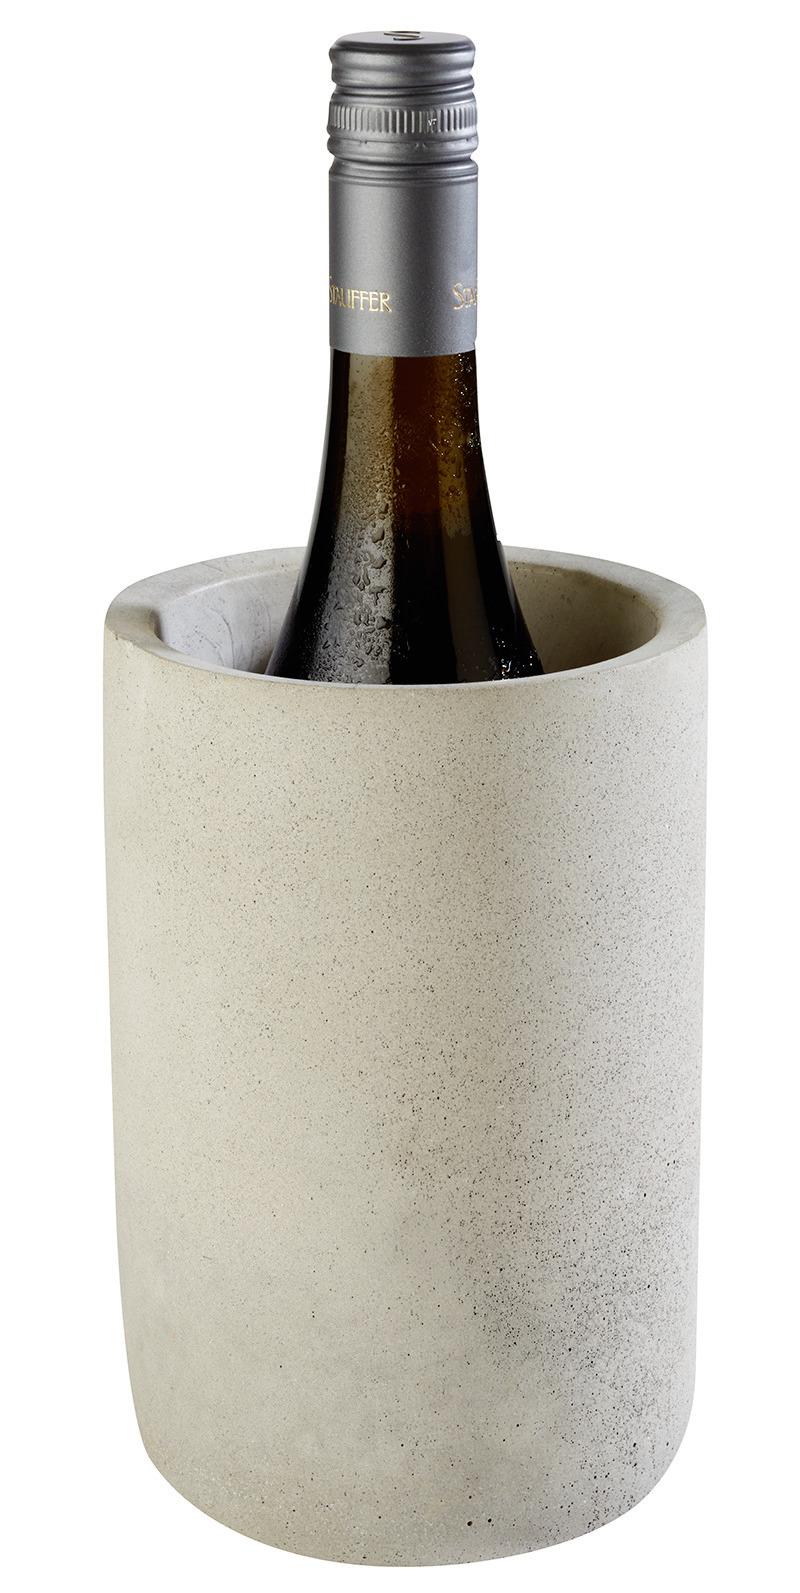 Flaschenkühler 120 x 120 x 190 mm Beton mit möbelschonender Unterseite